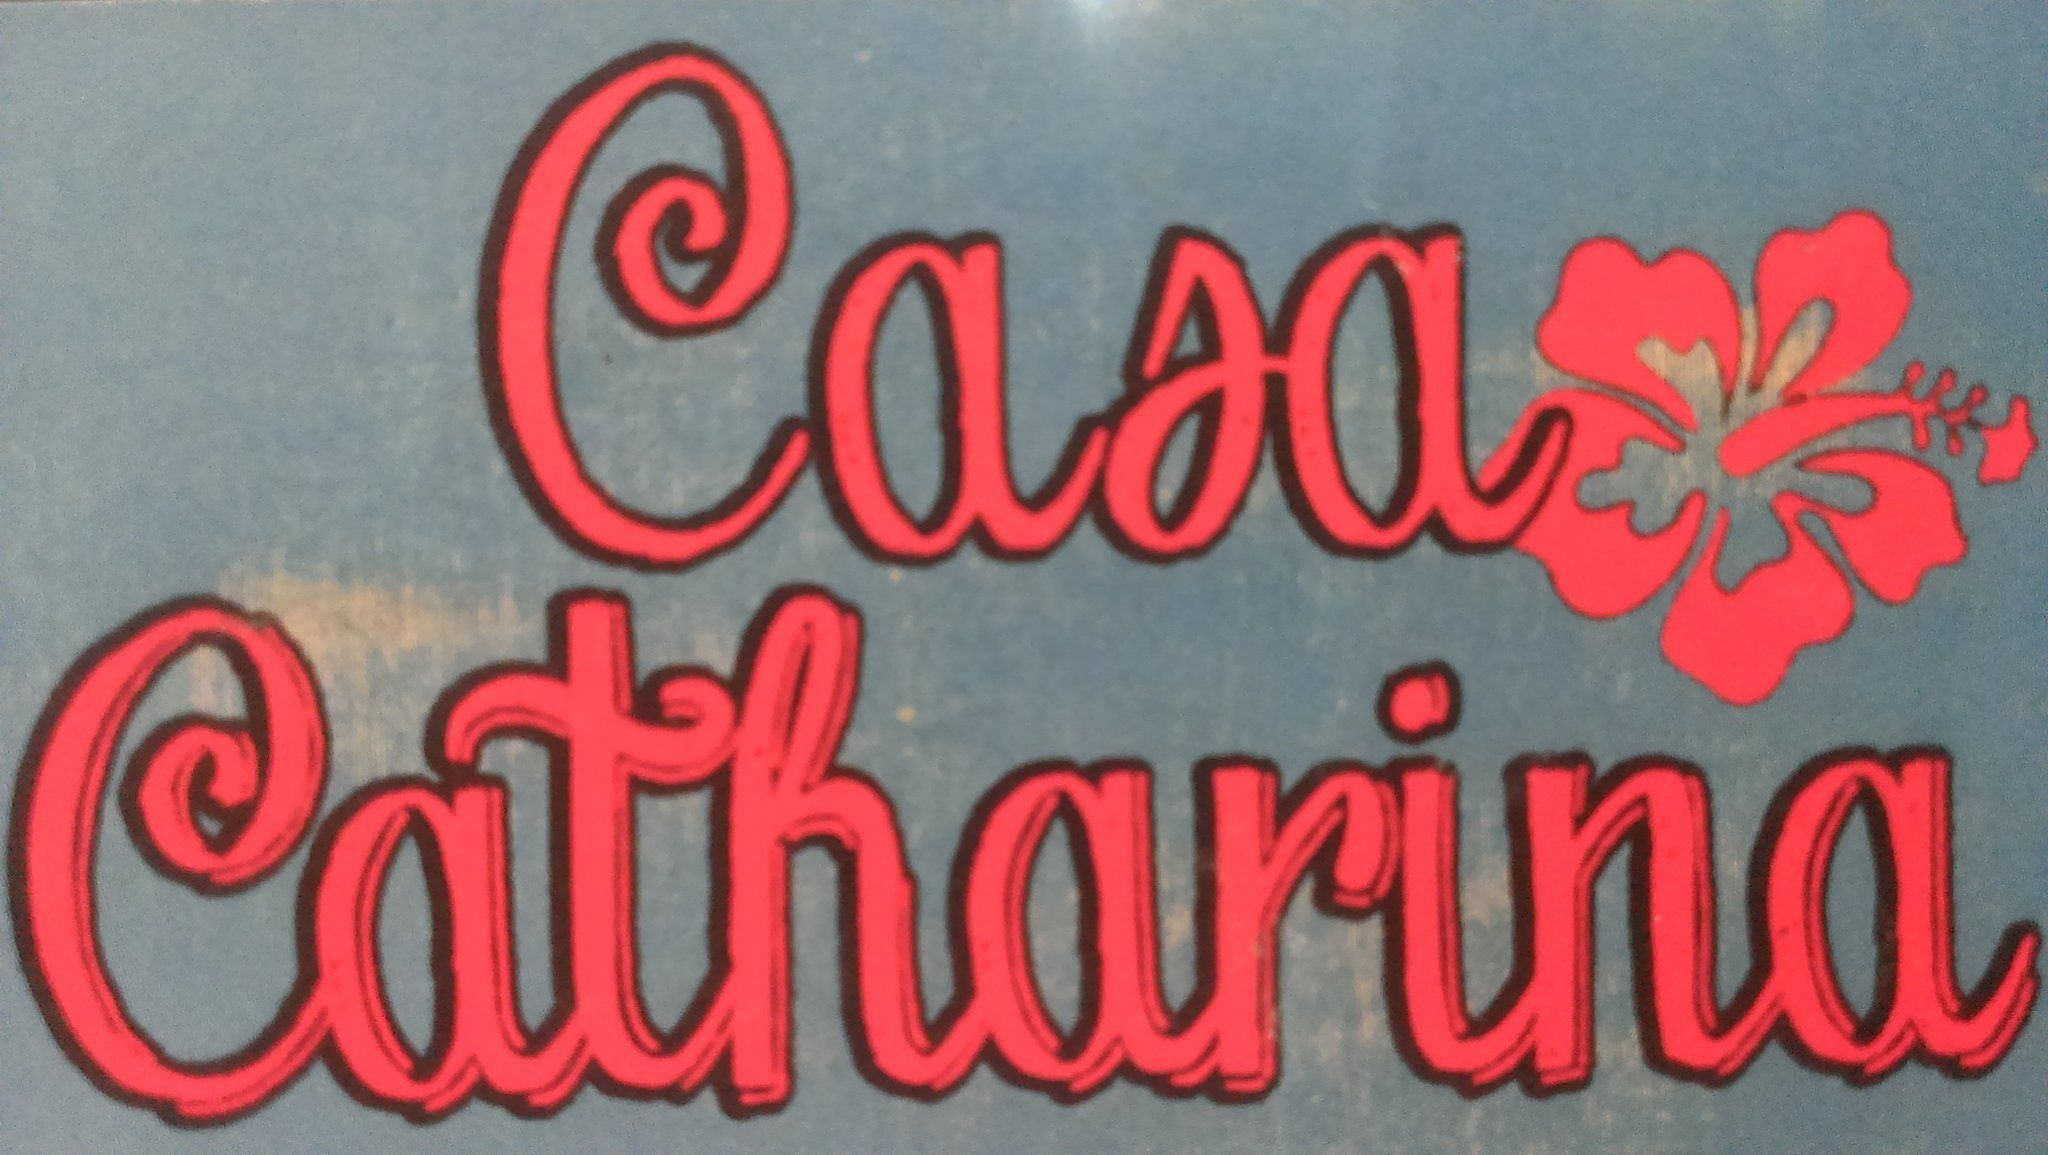 Casa Catharina